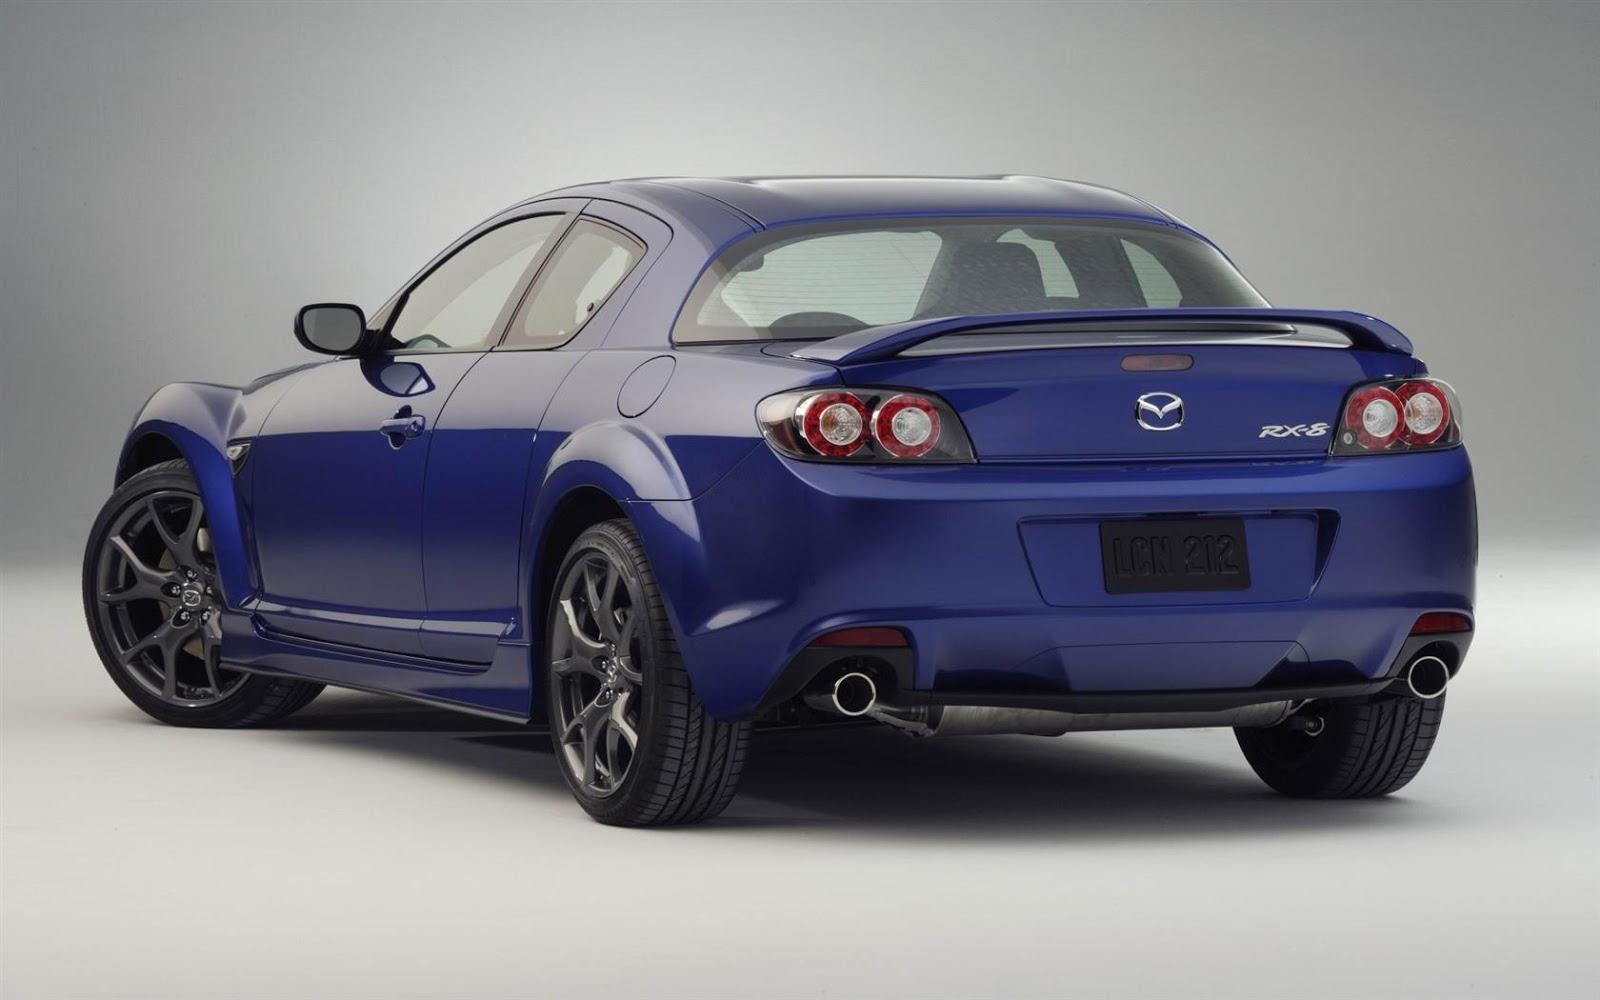 Mazda RX 8 back view stock